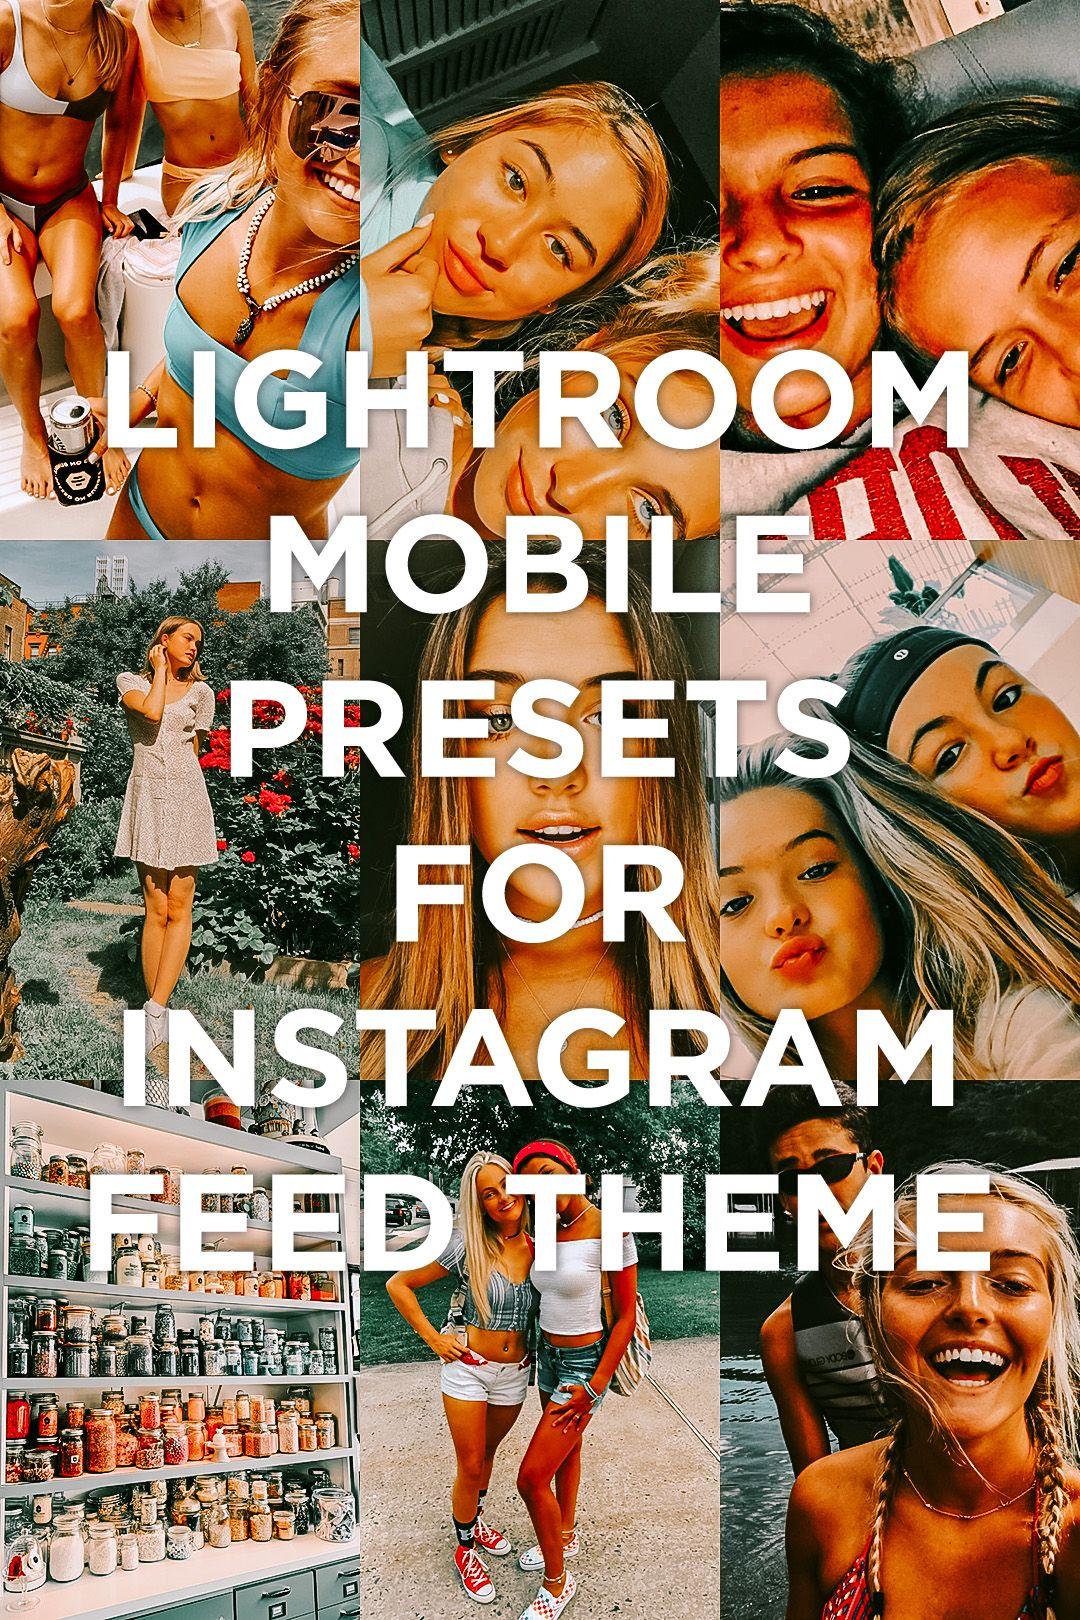 Lightroom to instagram workflow